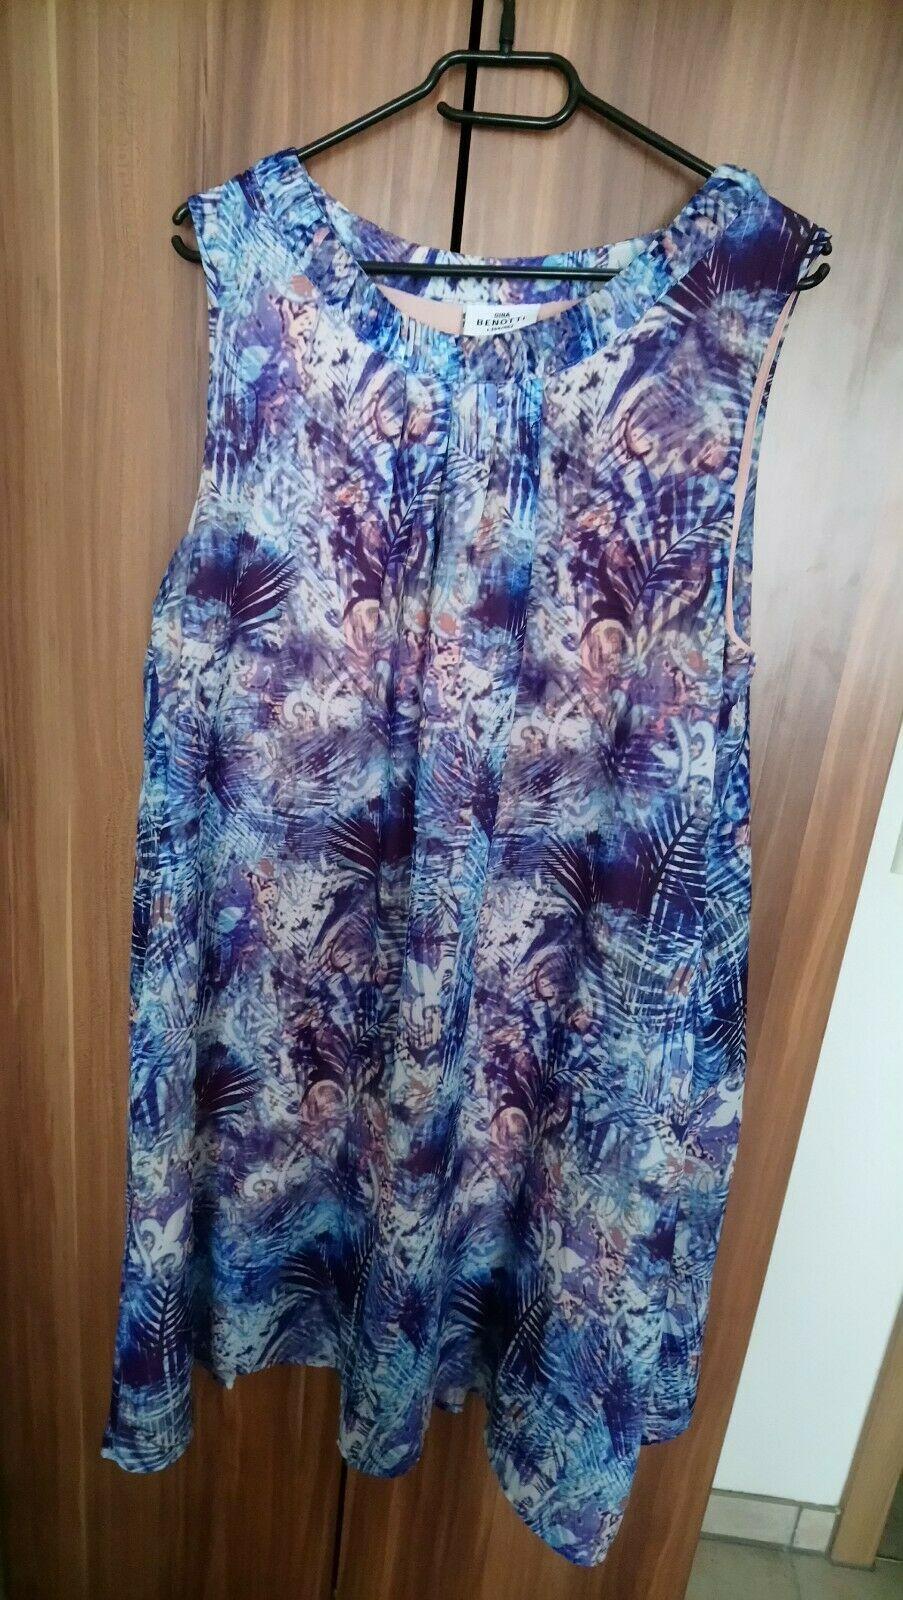 Damen Kleid von Gina Benotti Gr. 19/19 schönes Muster - Schöne